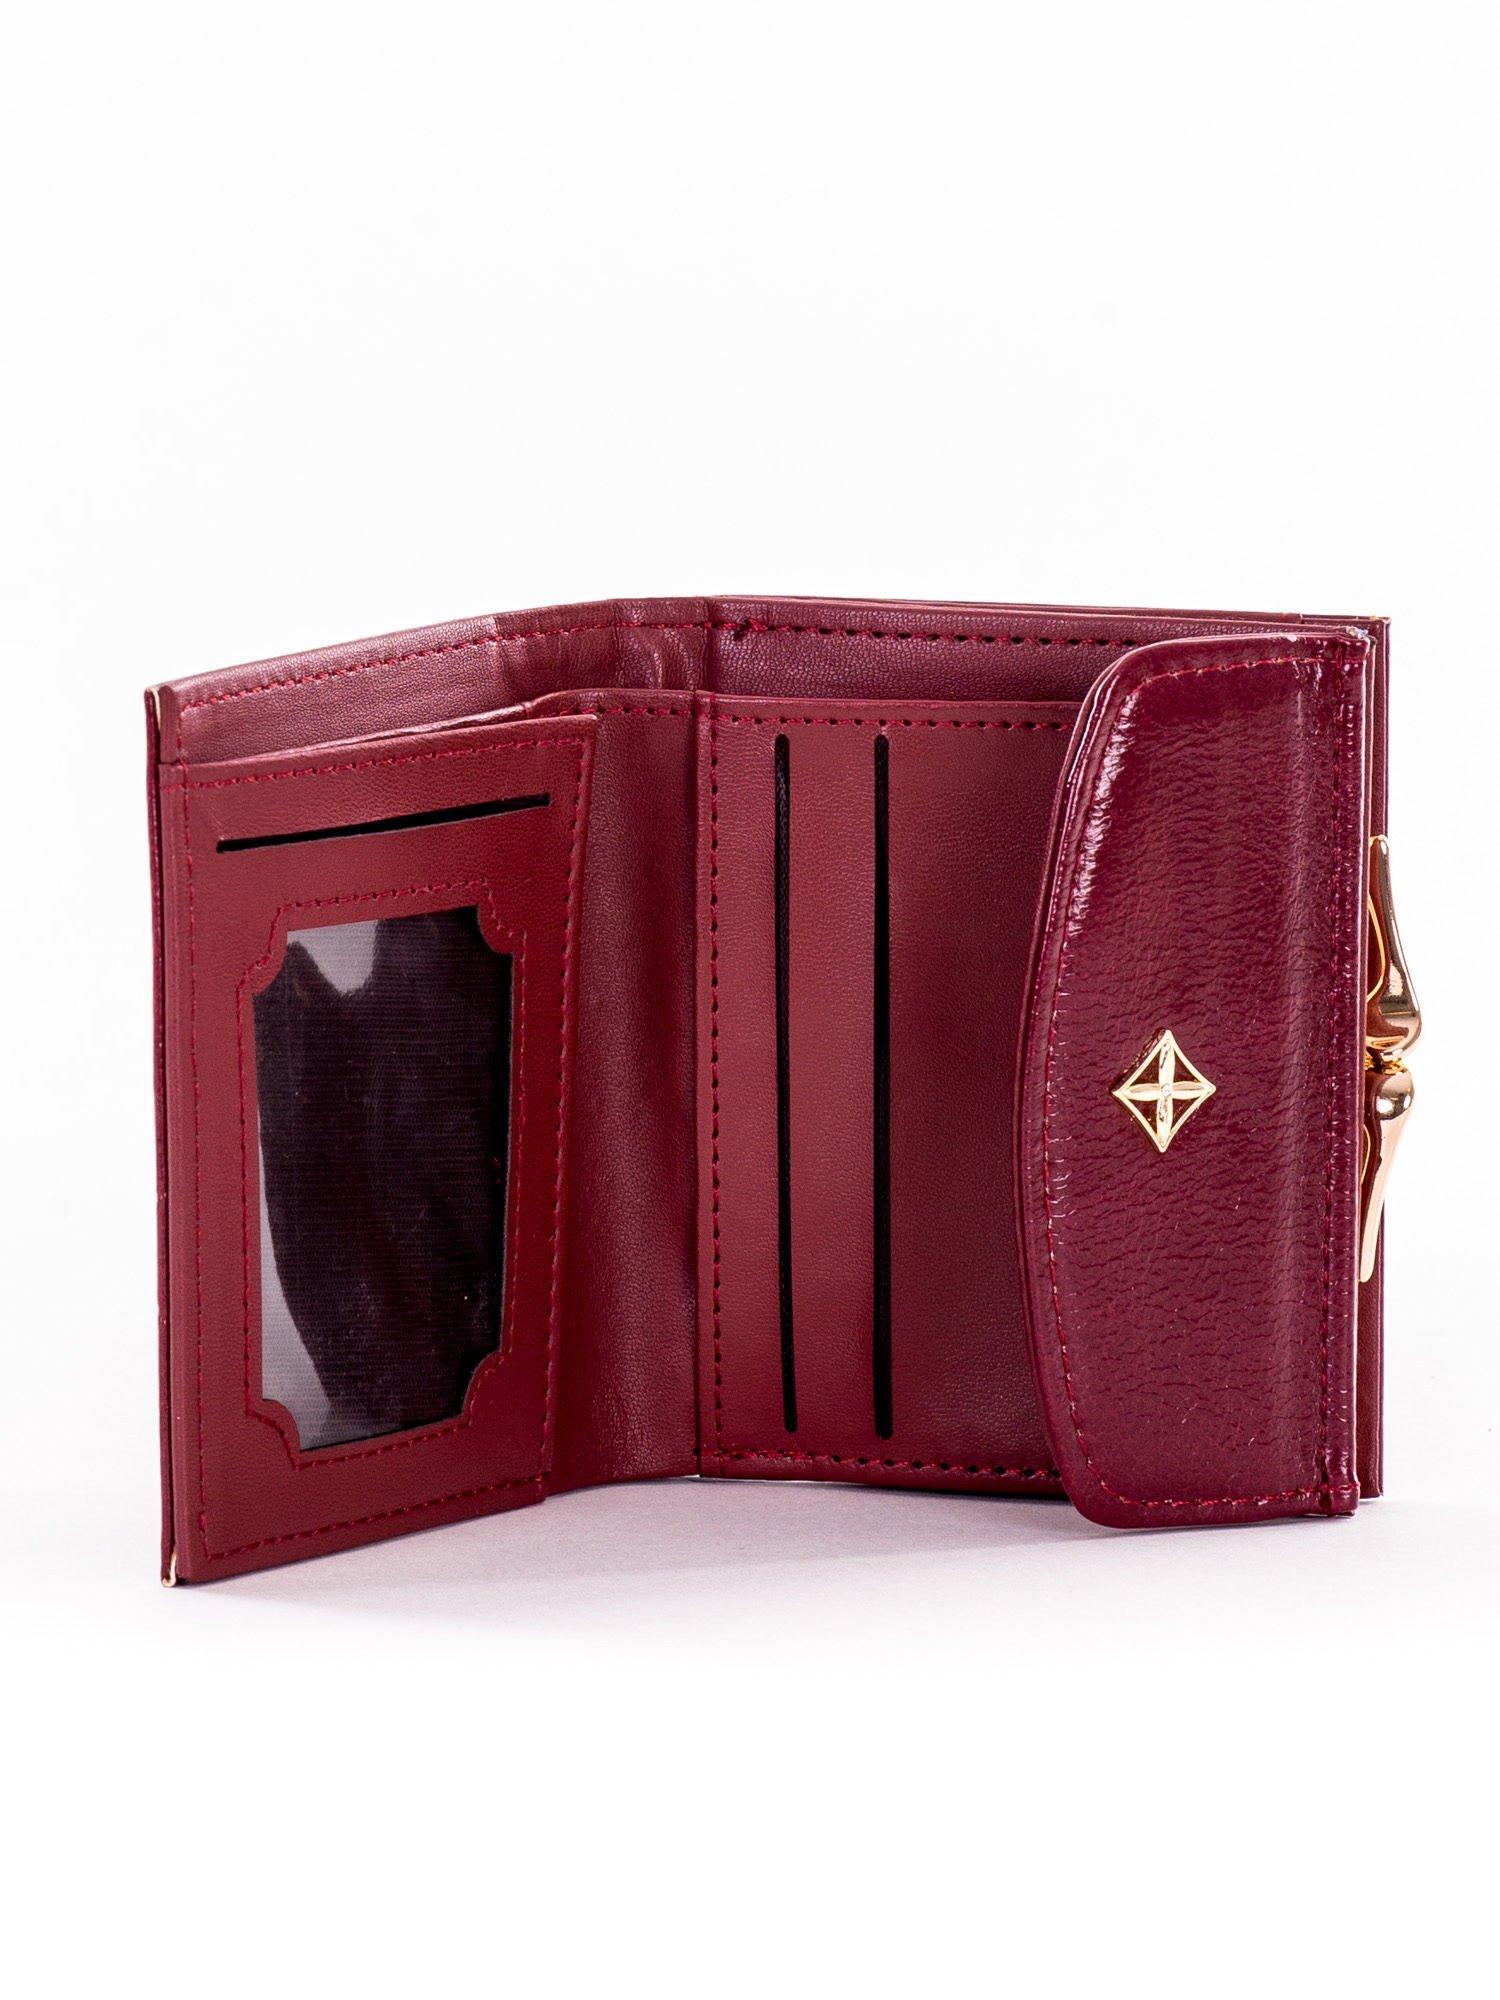 7d67070c2e7fb Mały elegancki bordowy portfel damski na bigiel - Akcesoria portfele -  sklep eButik.pl